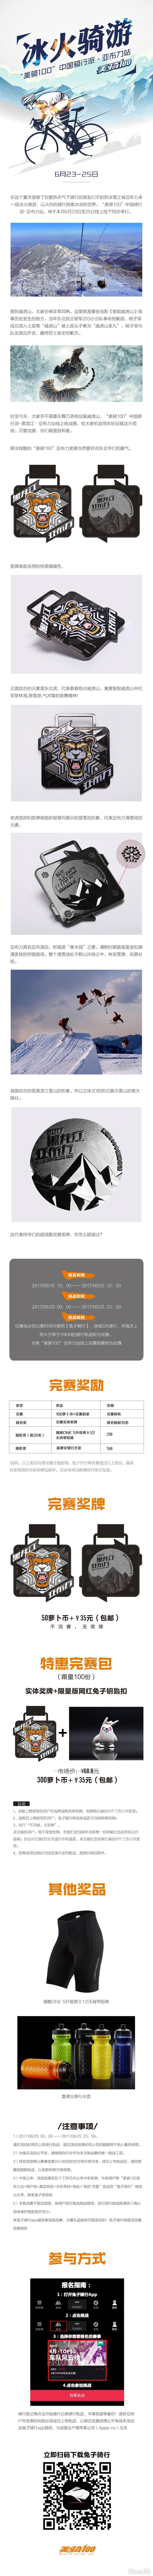 QQ图片20170616101422 (1).jpg